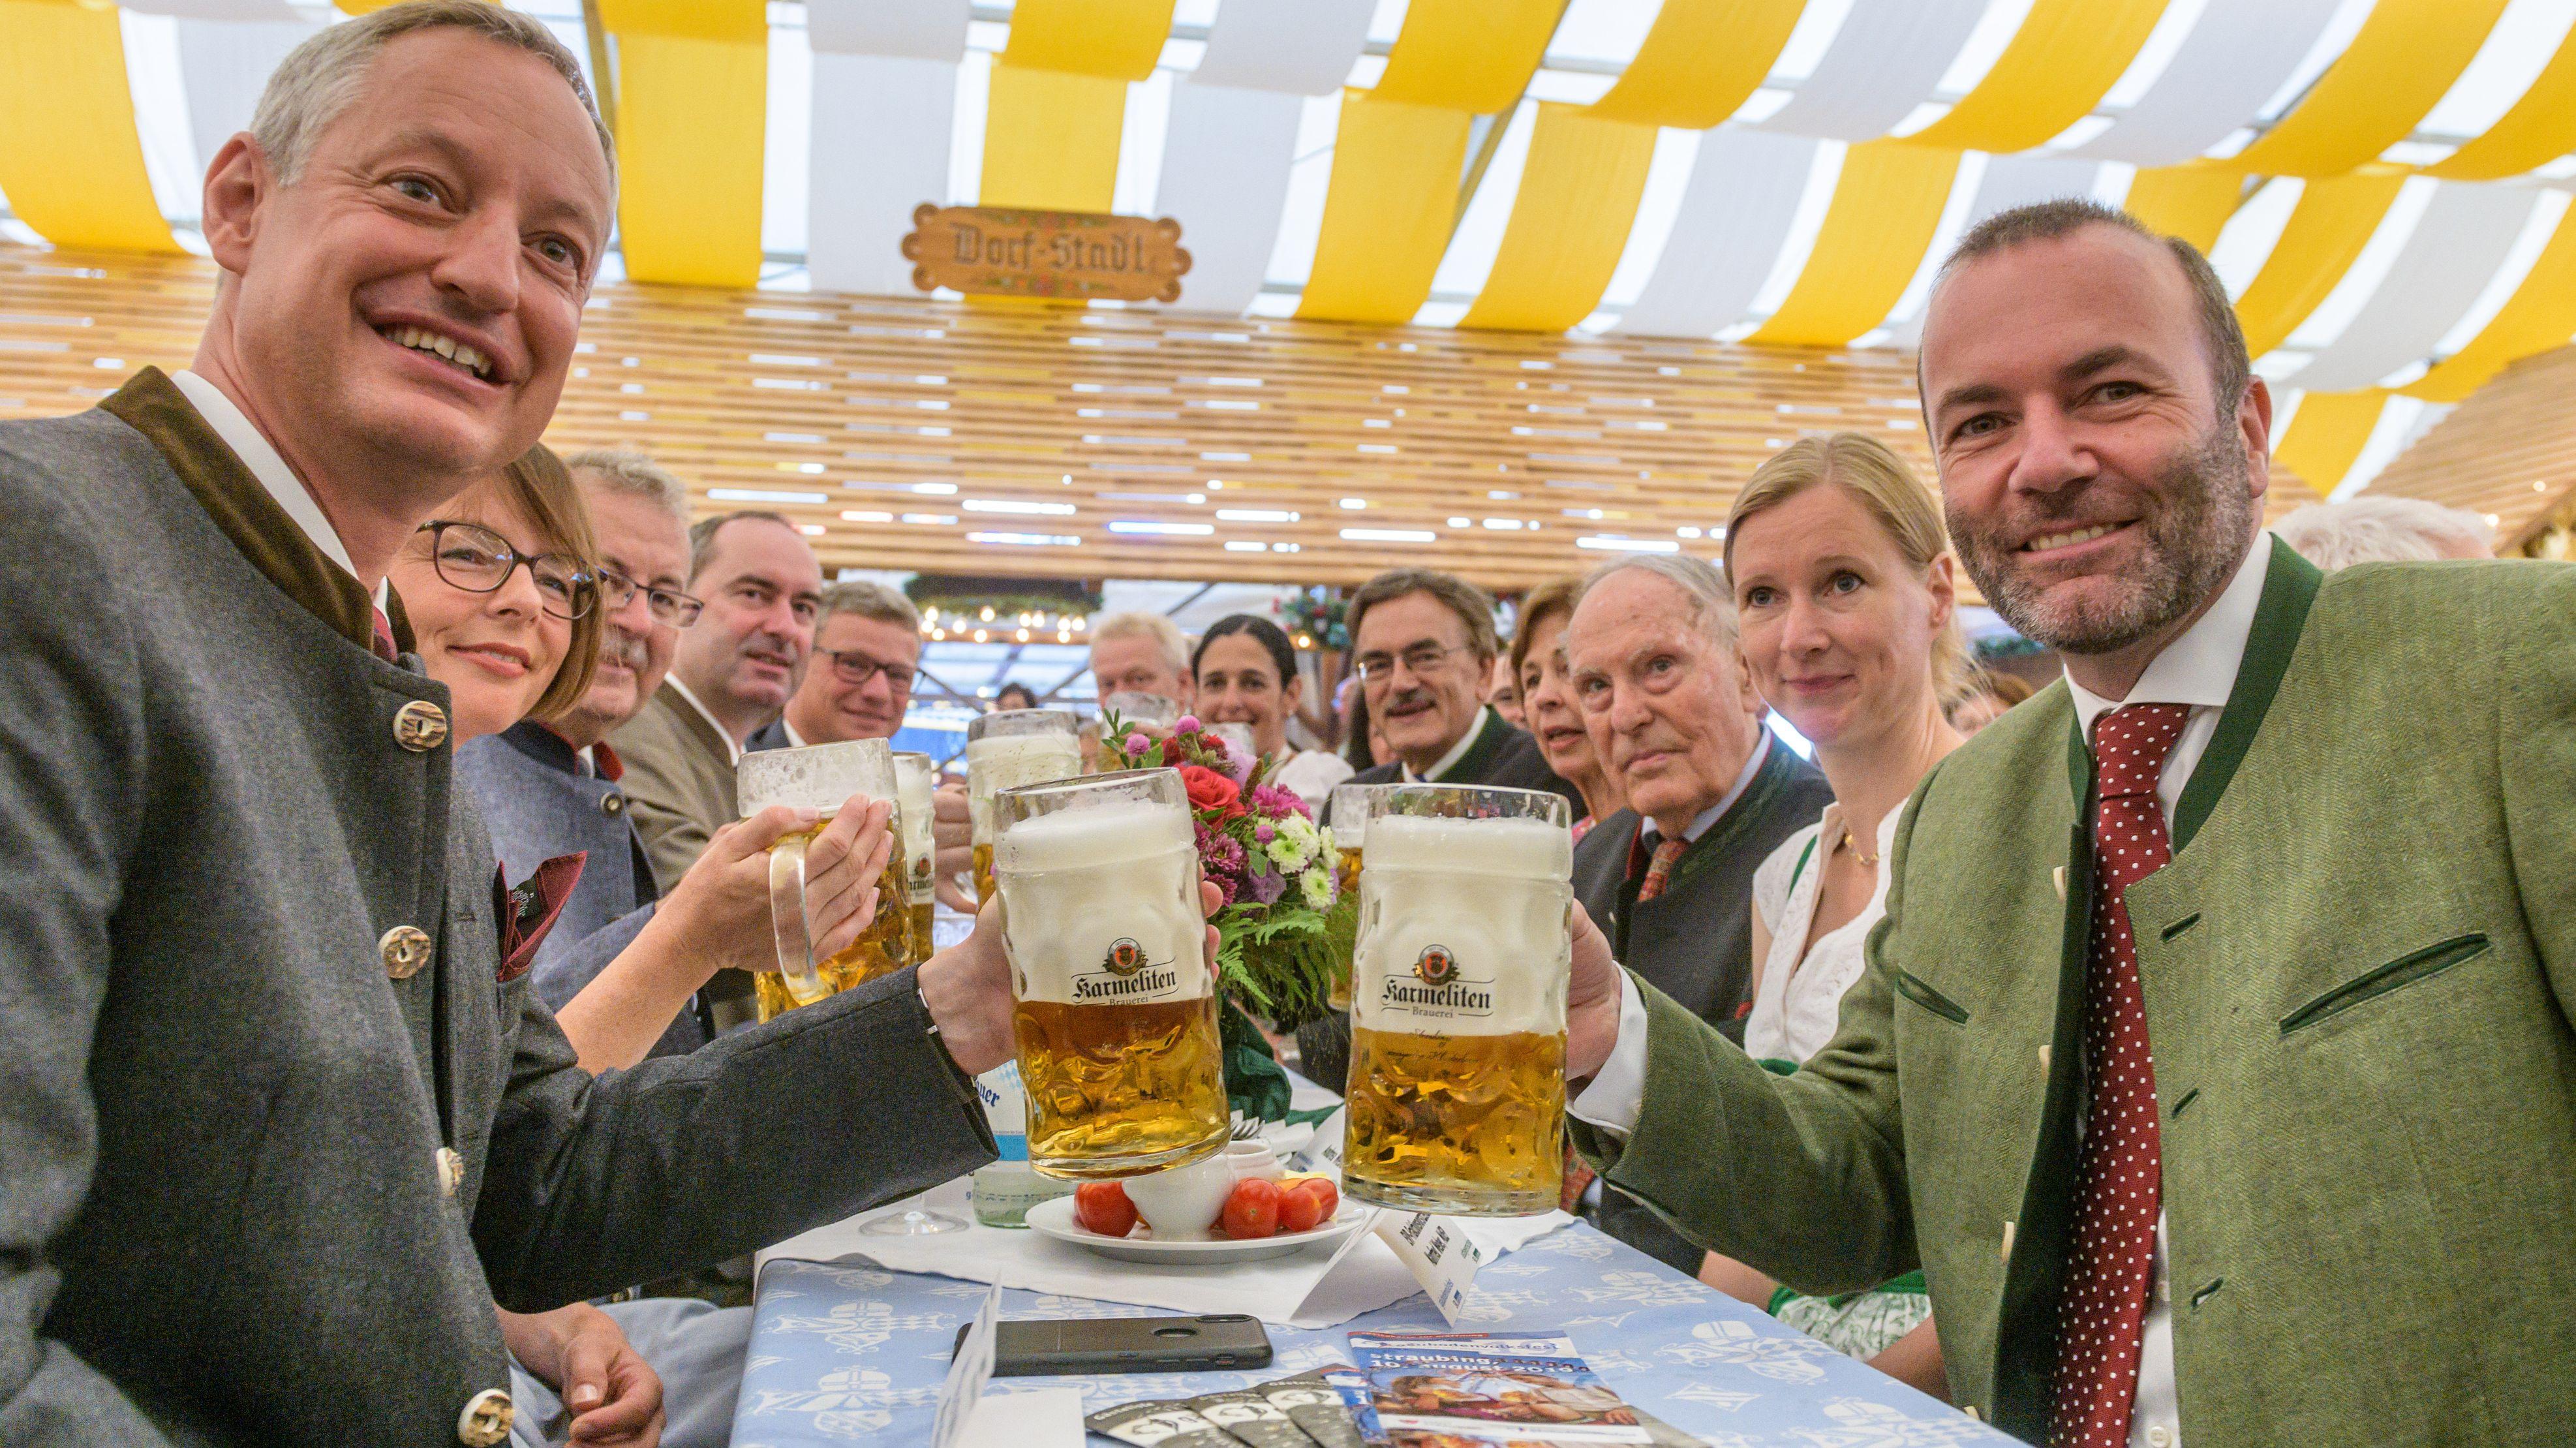 Manfred Weber, EVP-Fraktionschef (r), und Markus Pannermayr (CSU), OB von Straubing, prosten sich beim Gäubodenvolksfest mit Bierkrügen zu.